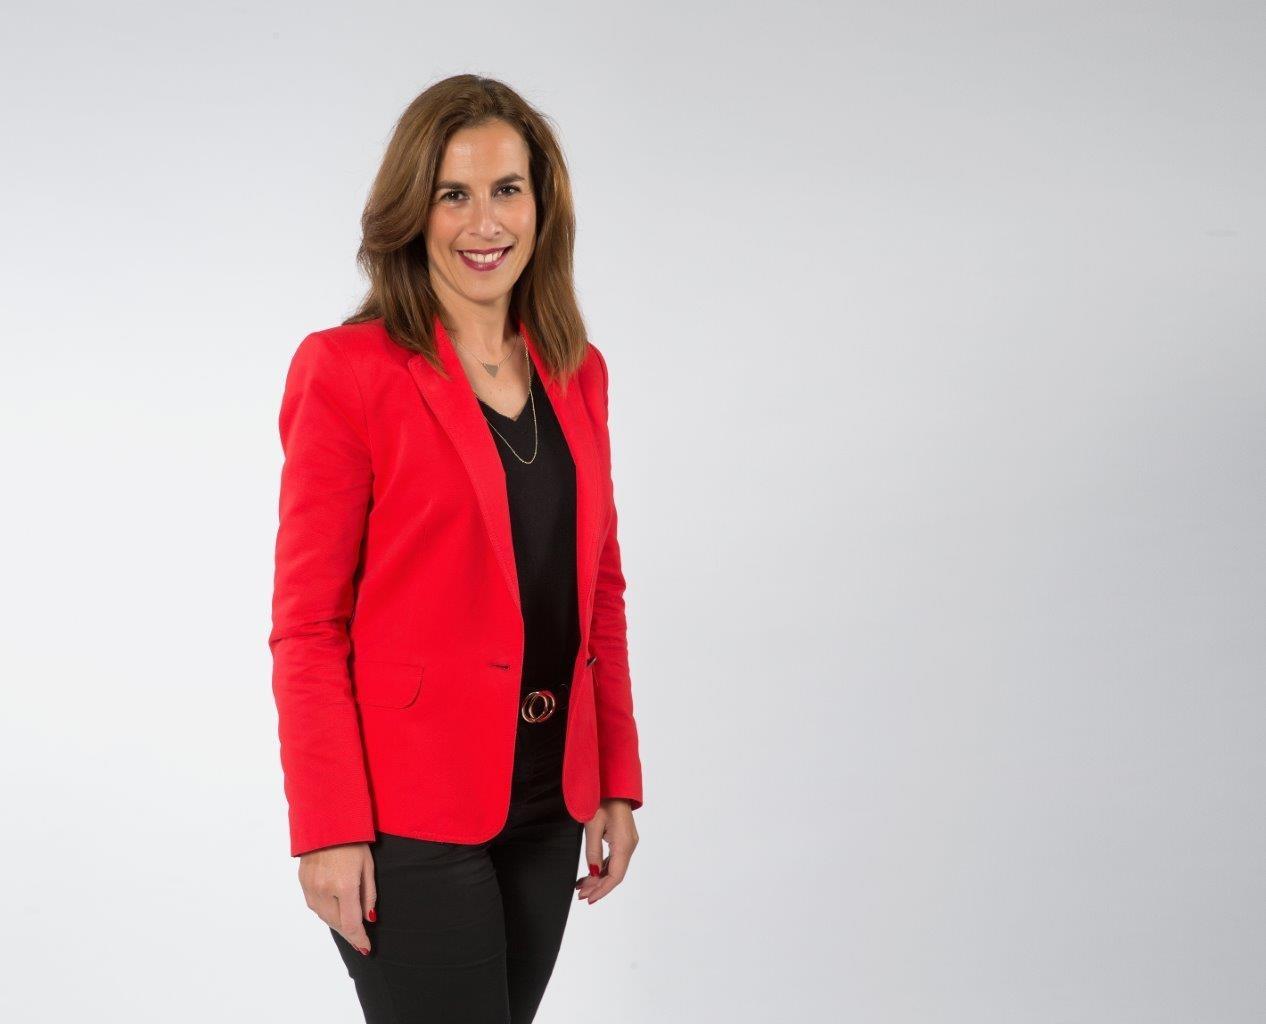 Rosália Amorim, directora do Diário de Notícias